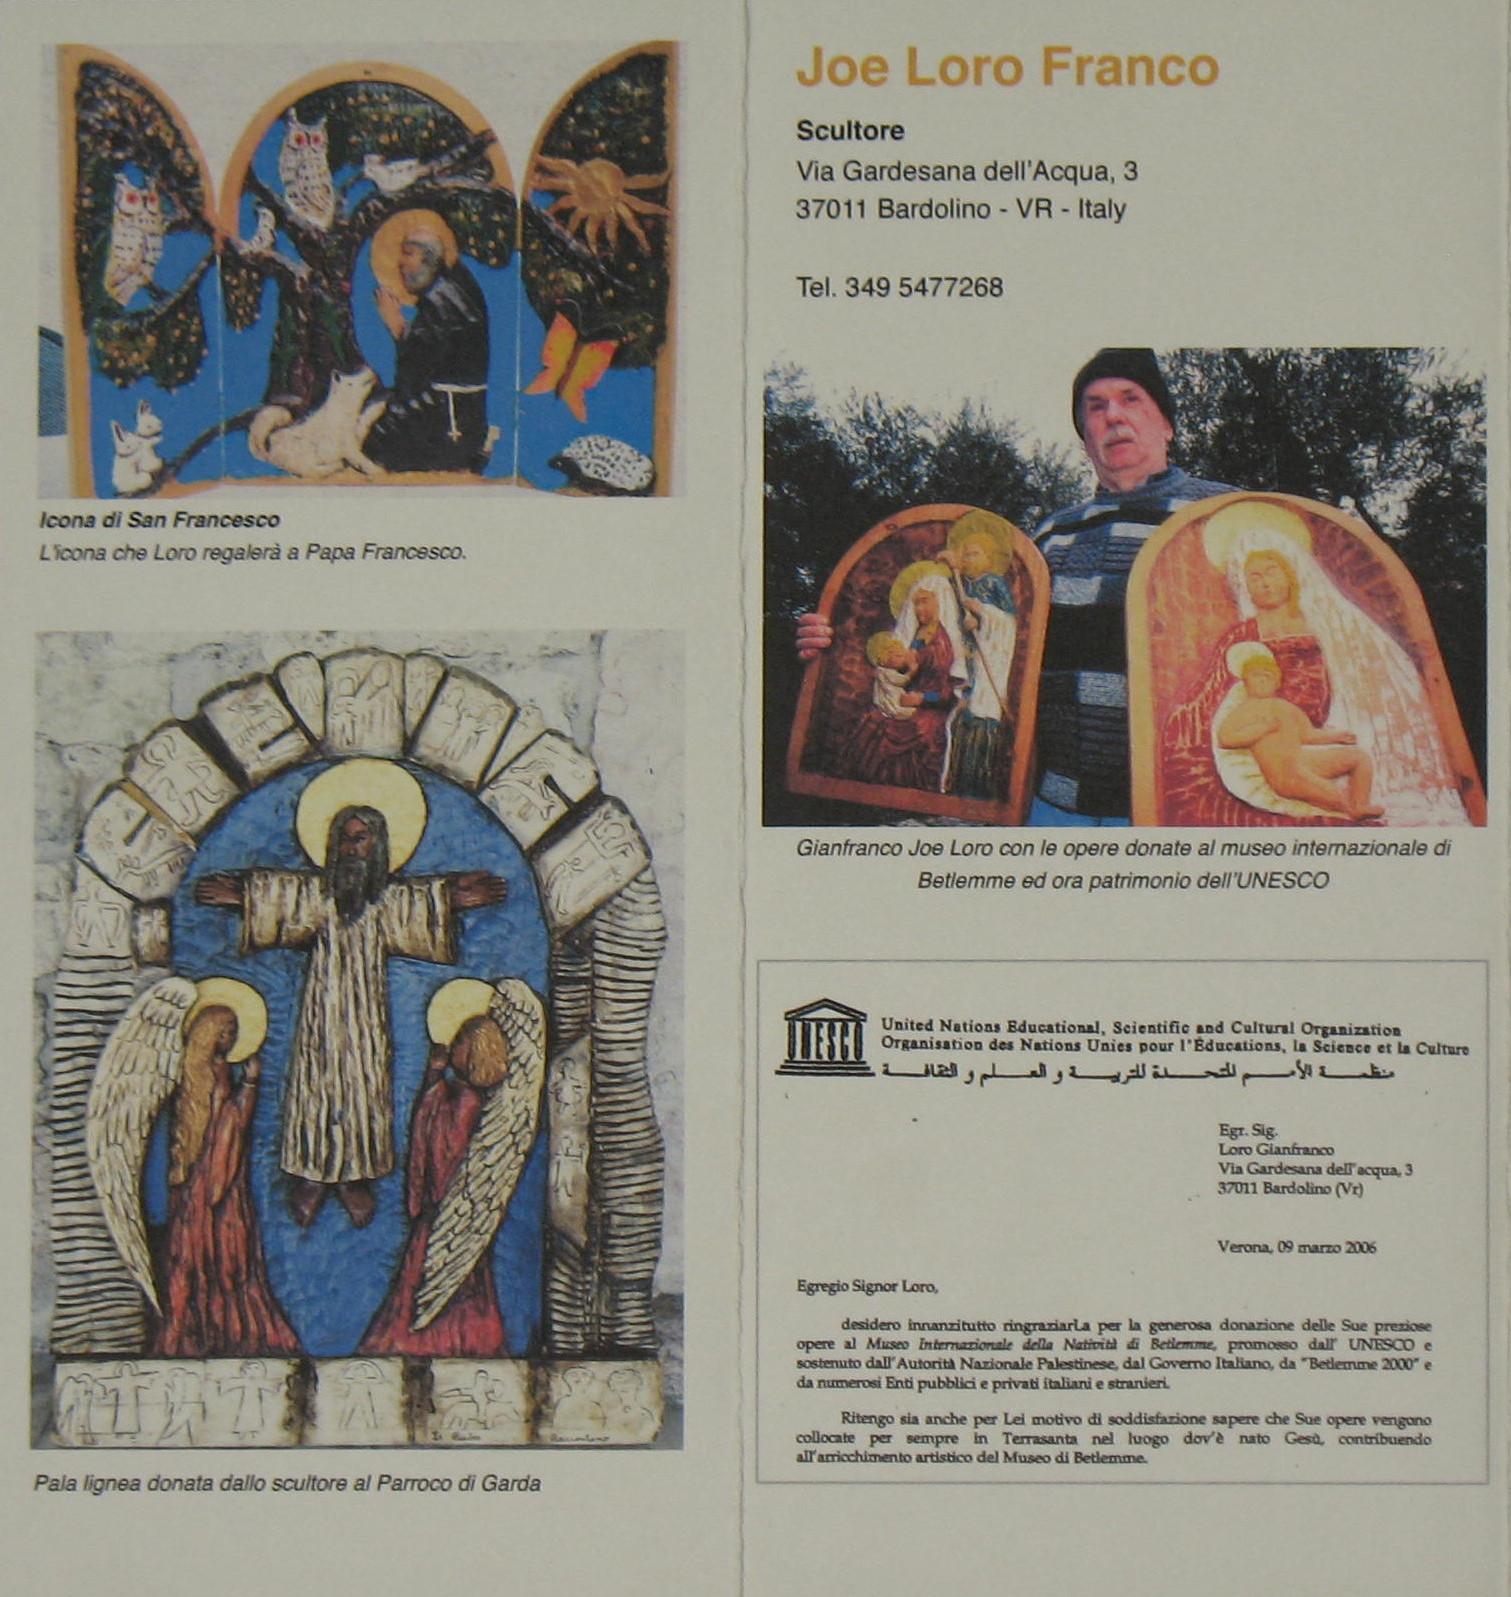 Joe Loro Franco. Scultore. 2